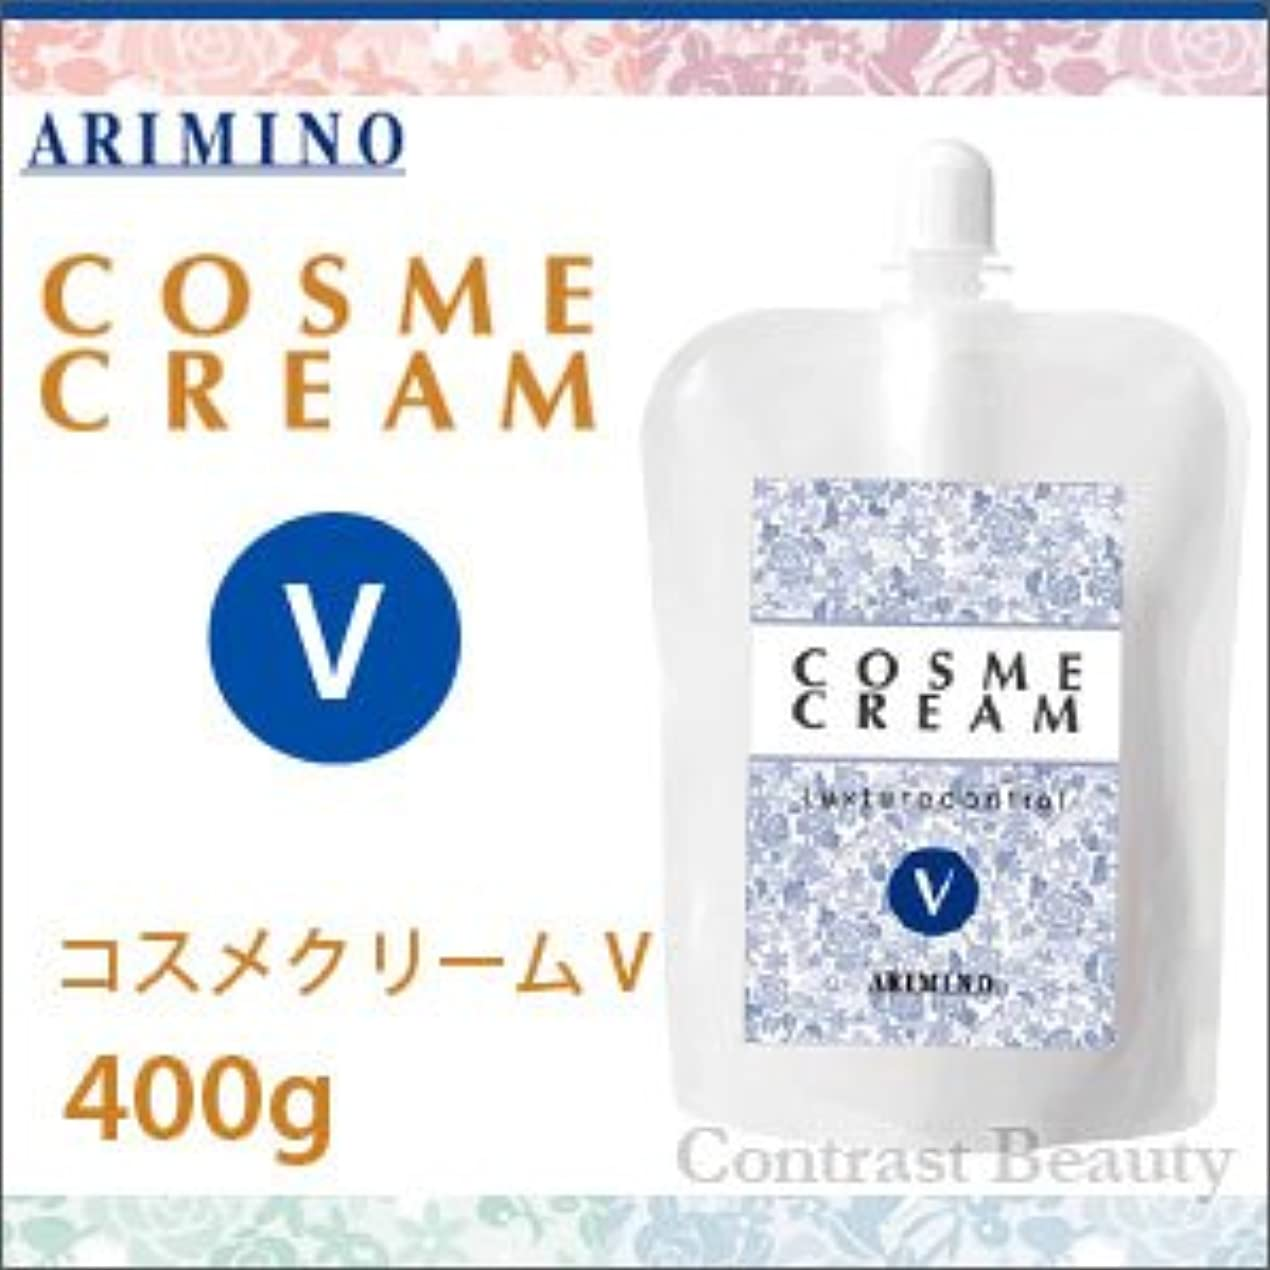 ルーラリー取り除く【X5個セット】 アリミノ コスメクリーム V 400g